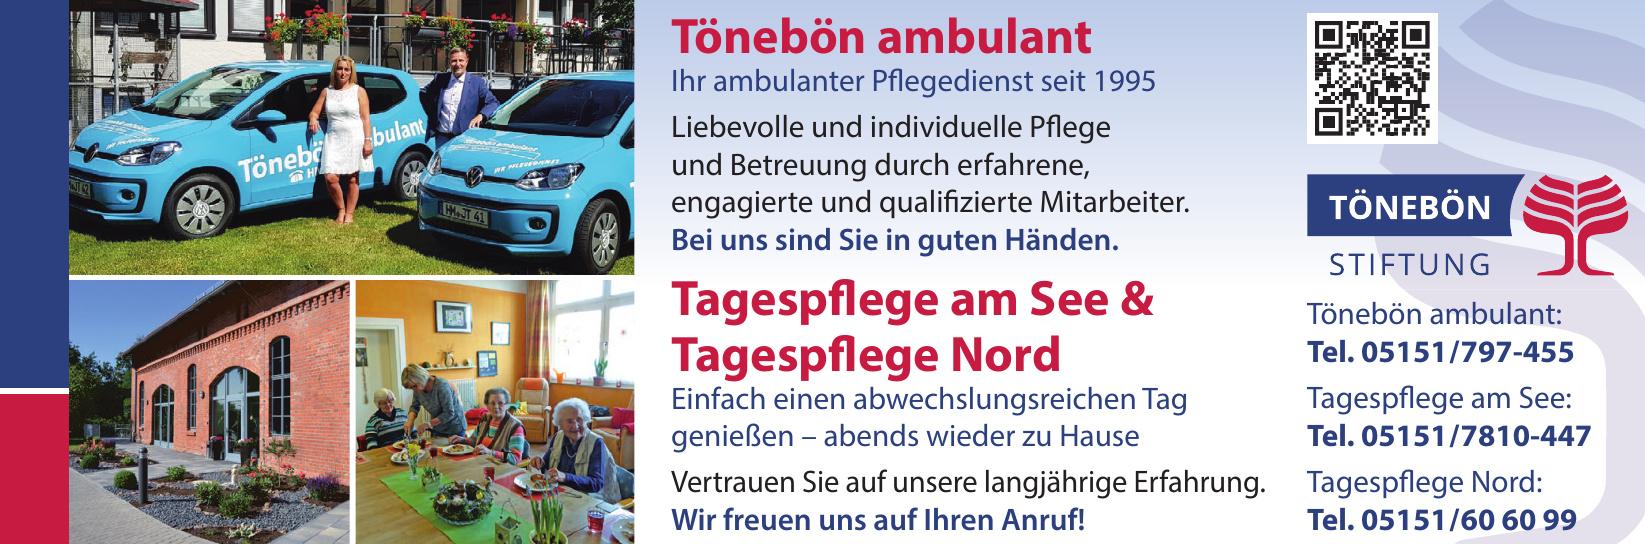 Tönebön Stiftung - Tönebön Ambulant